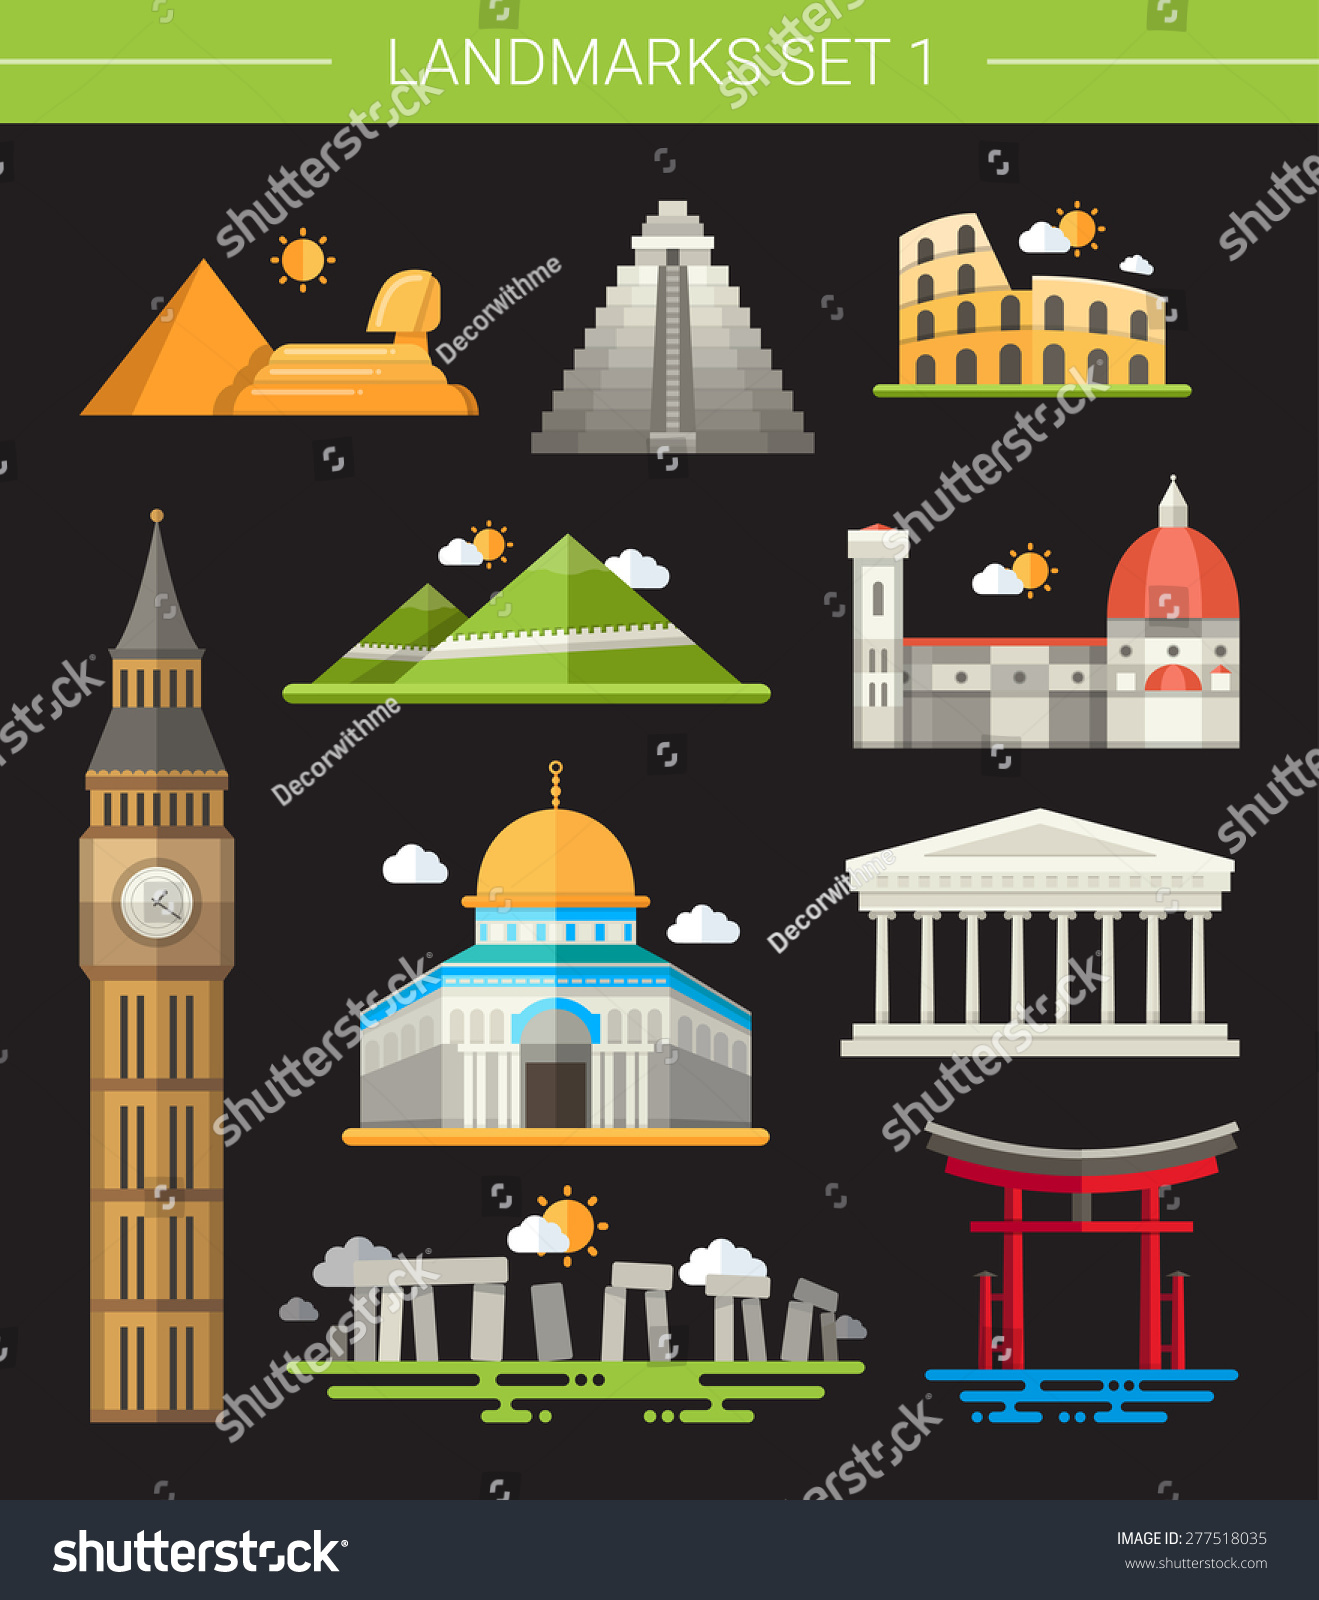 一套平面设计世界著名地标图标-建筑物/地标,背景/-()